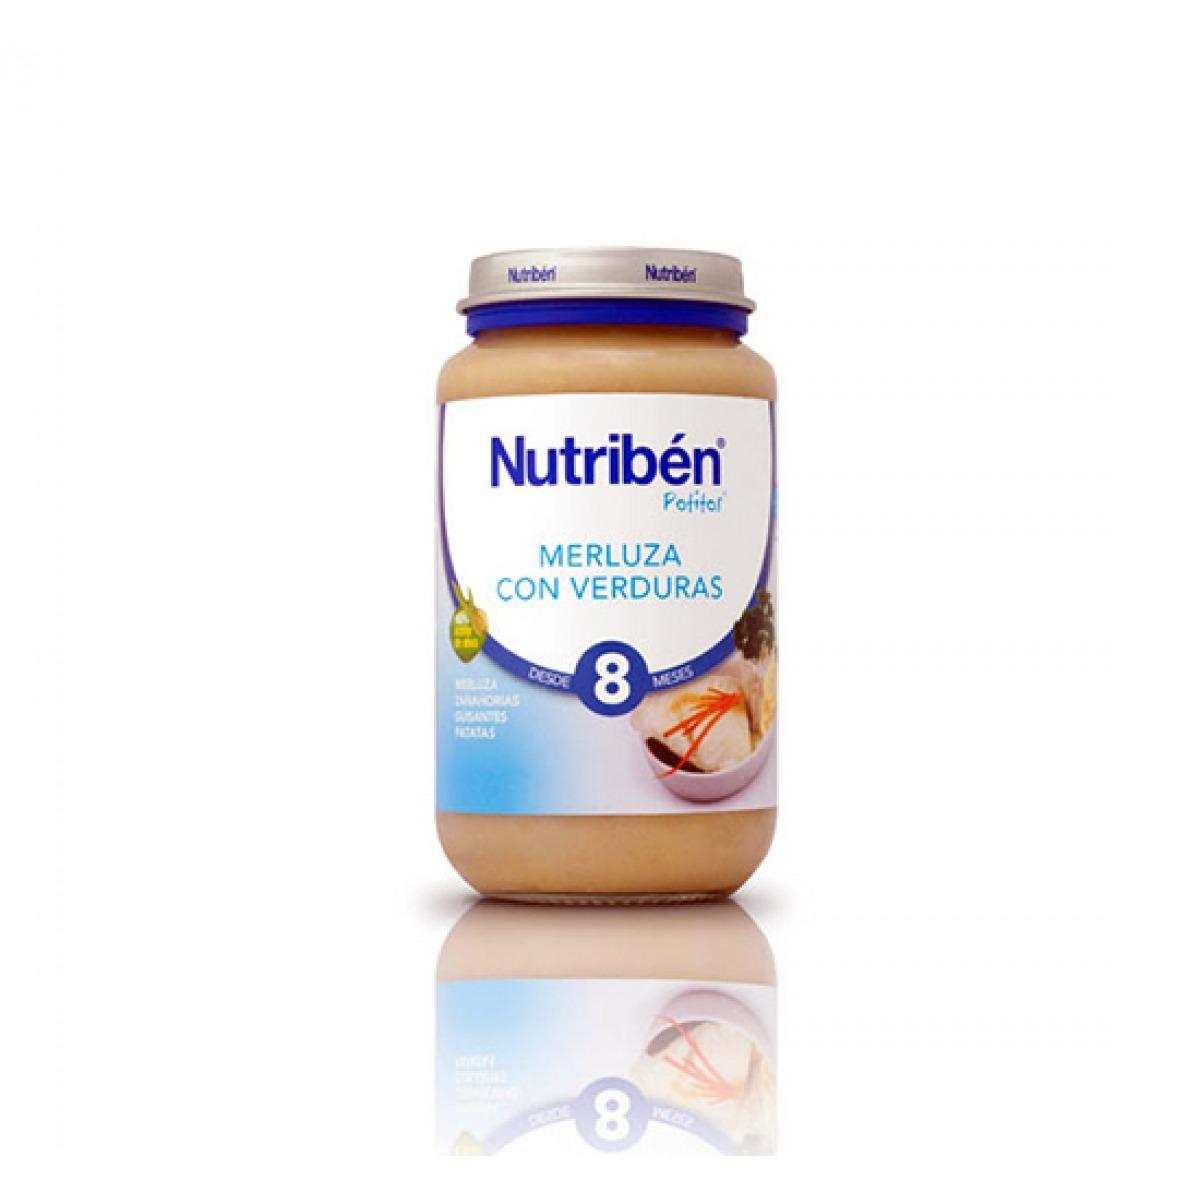 NUTRIBEN MERLUZA CON VERDURAS 250 G.